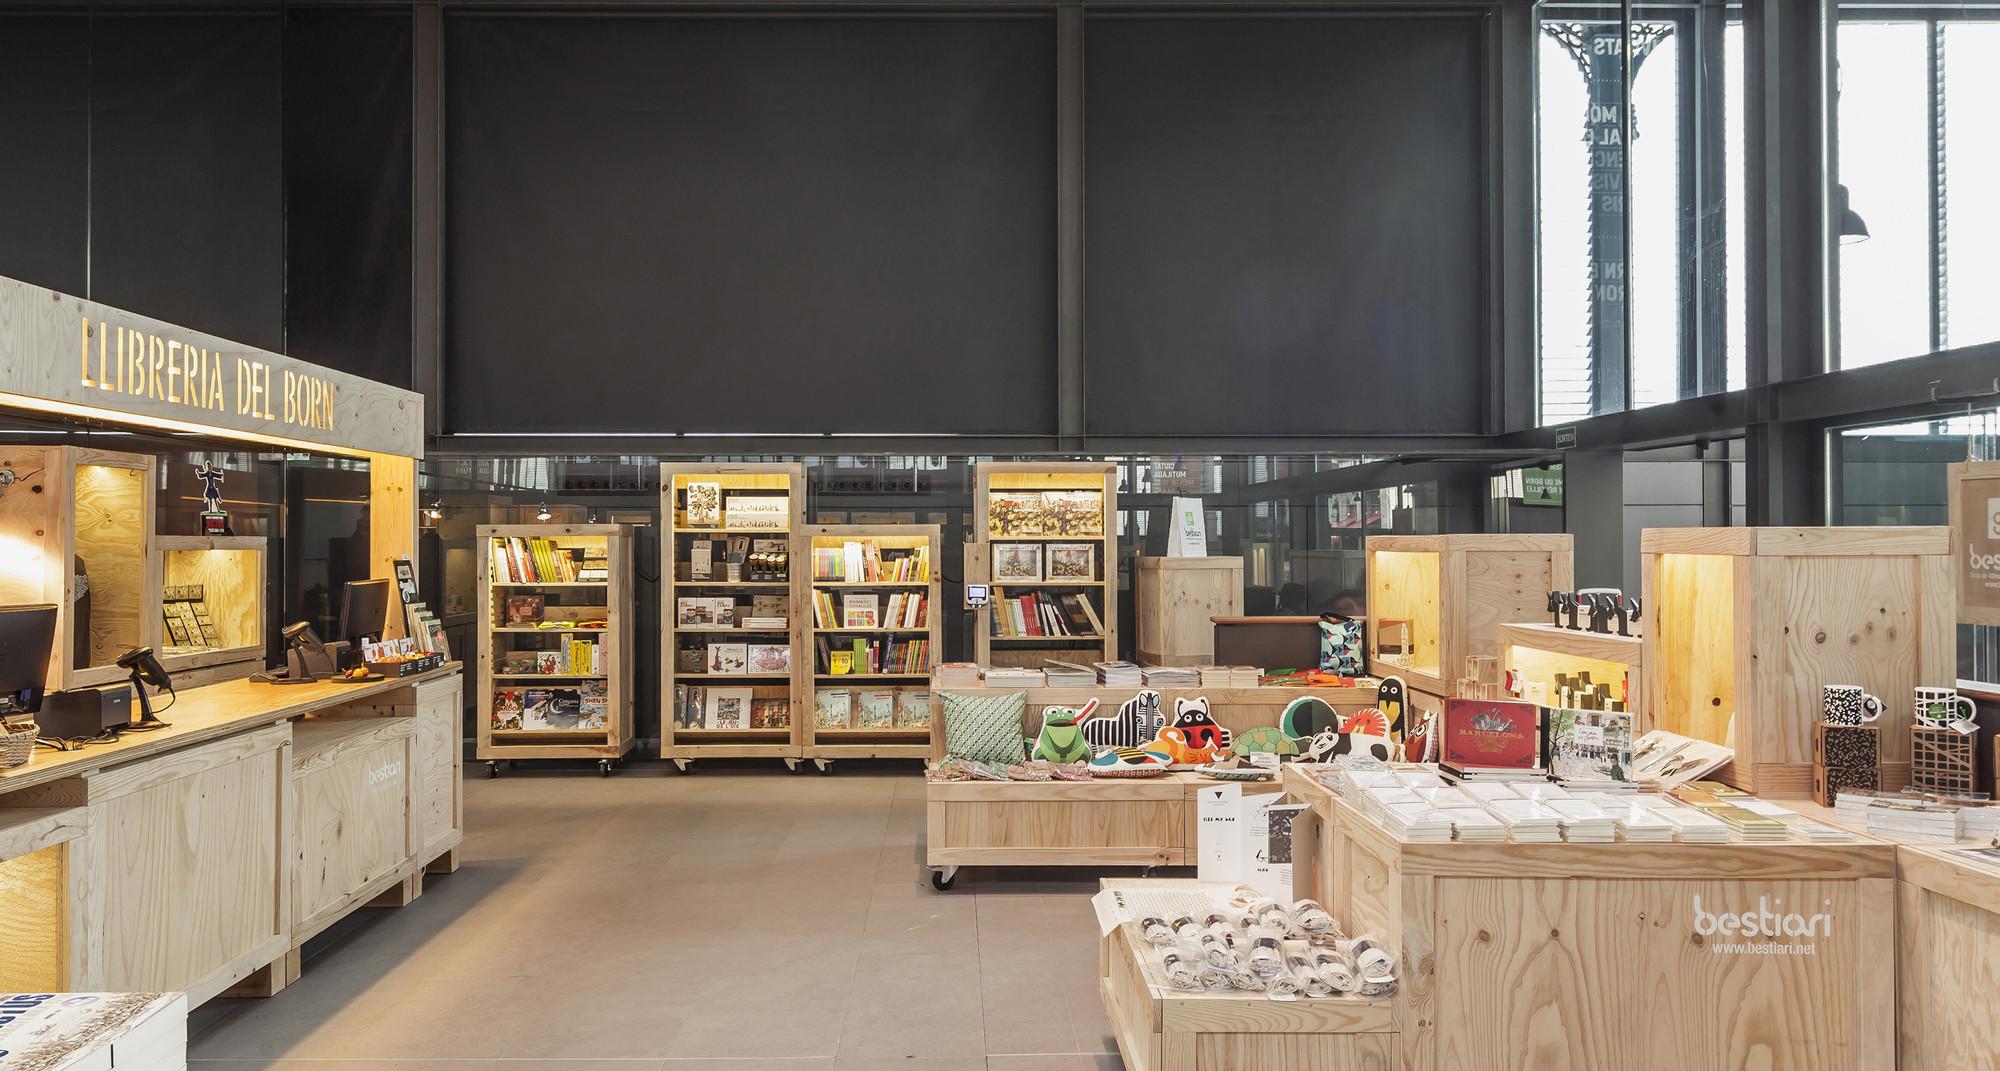 Galería de Bestiari Librería Del Born / Jorge Pérez Vale - 5